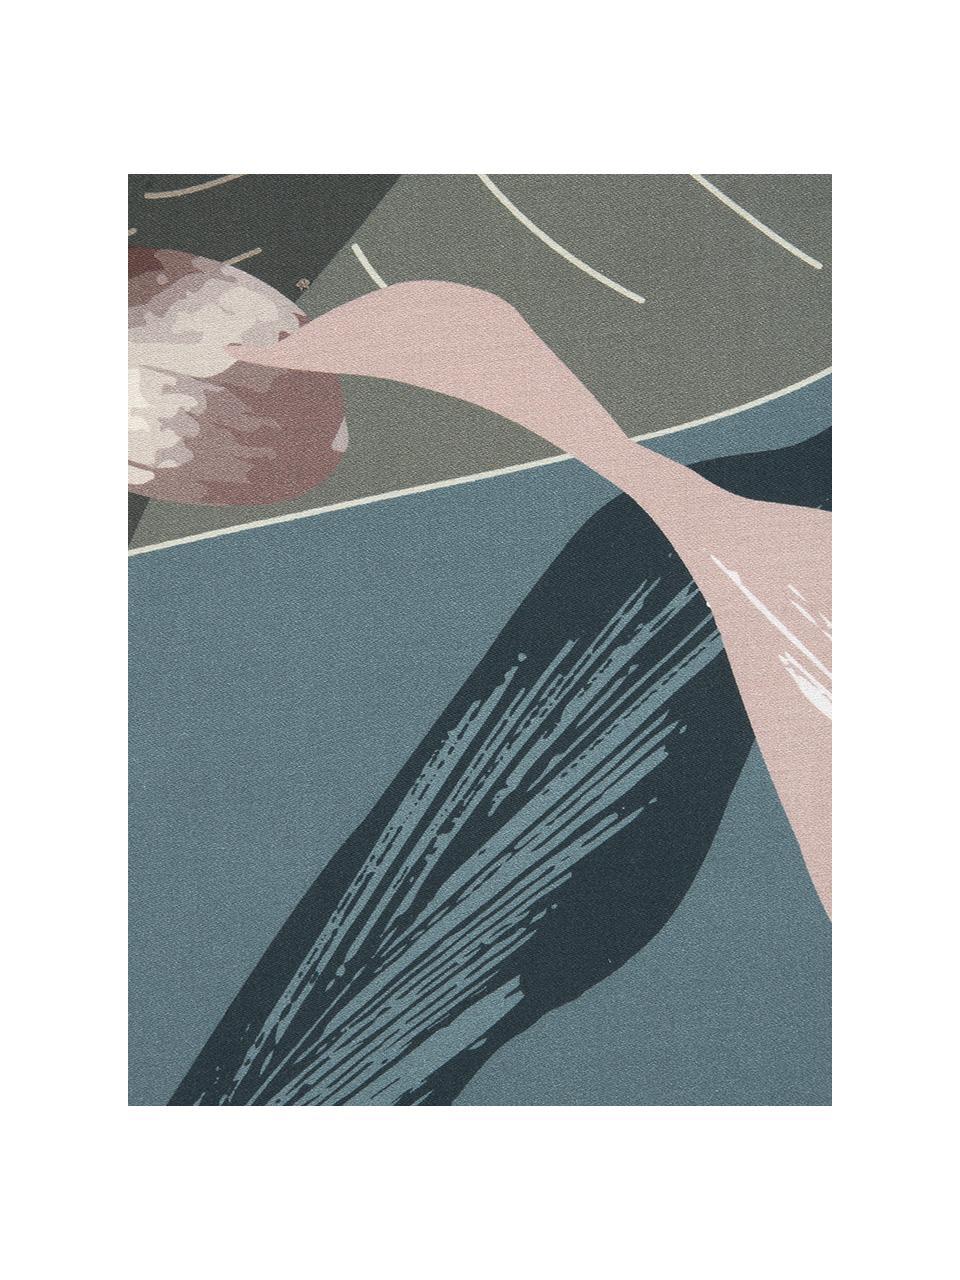 Baumwollsatin-Kopfkissenbezüge Flora in Potral, 2 Stück, Webart: Satin Fadendichte 210 TC,, Vorderseite: MehrfarbigRückseite: Petrol, 40 x 80 cm